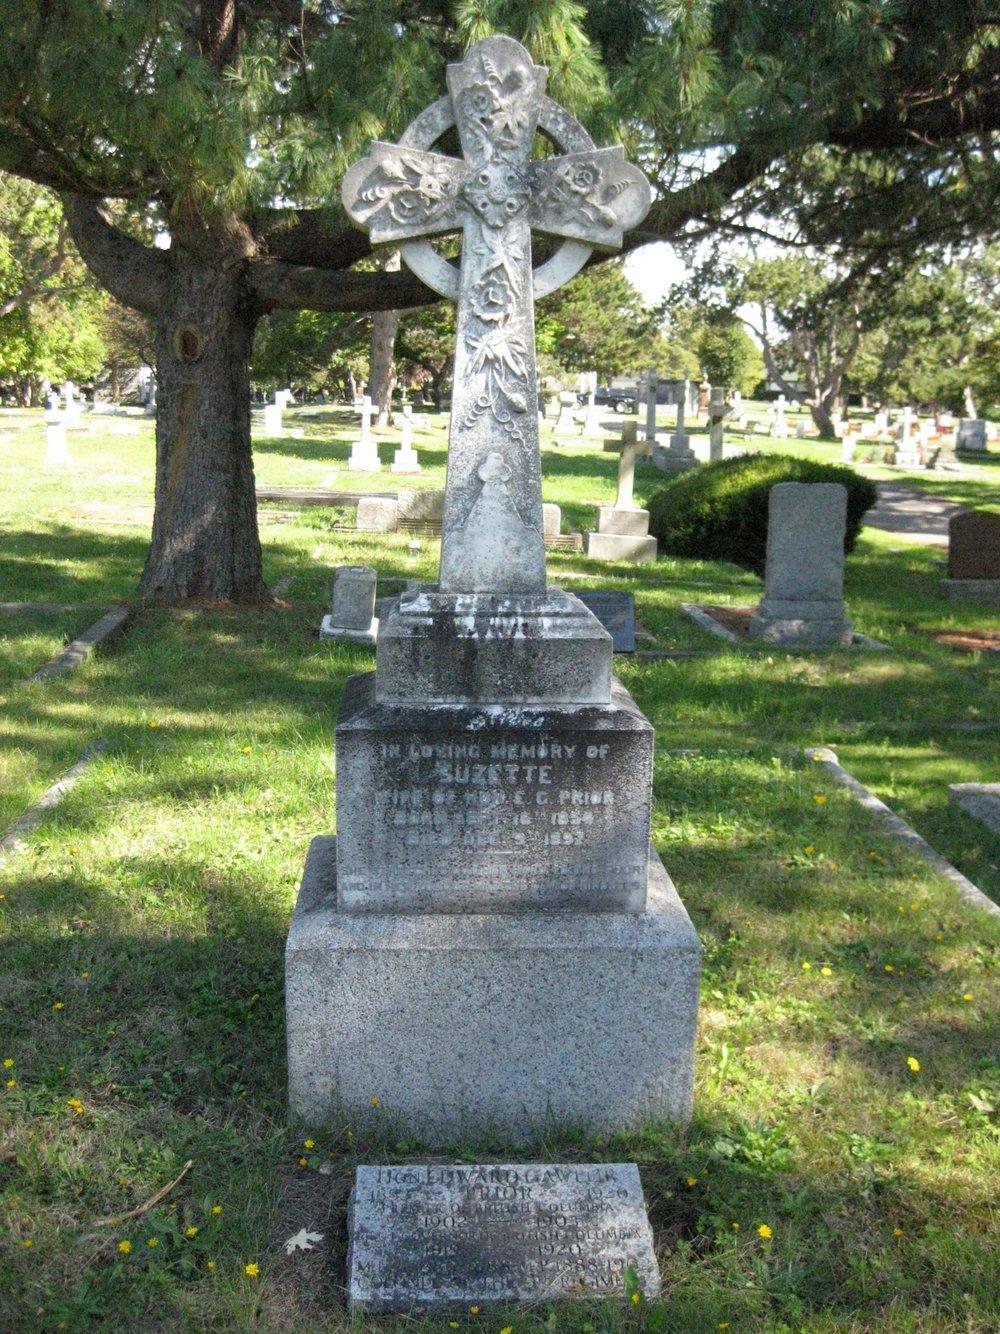 Edward G. Prior